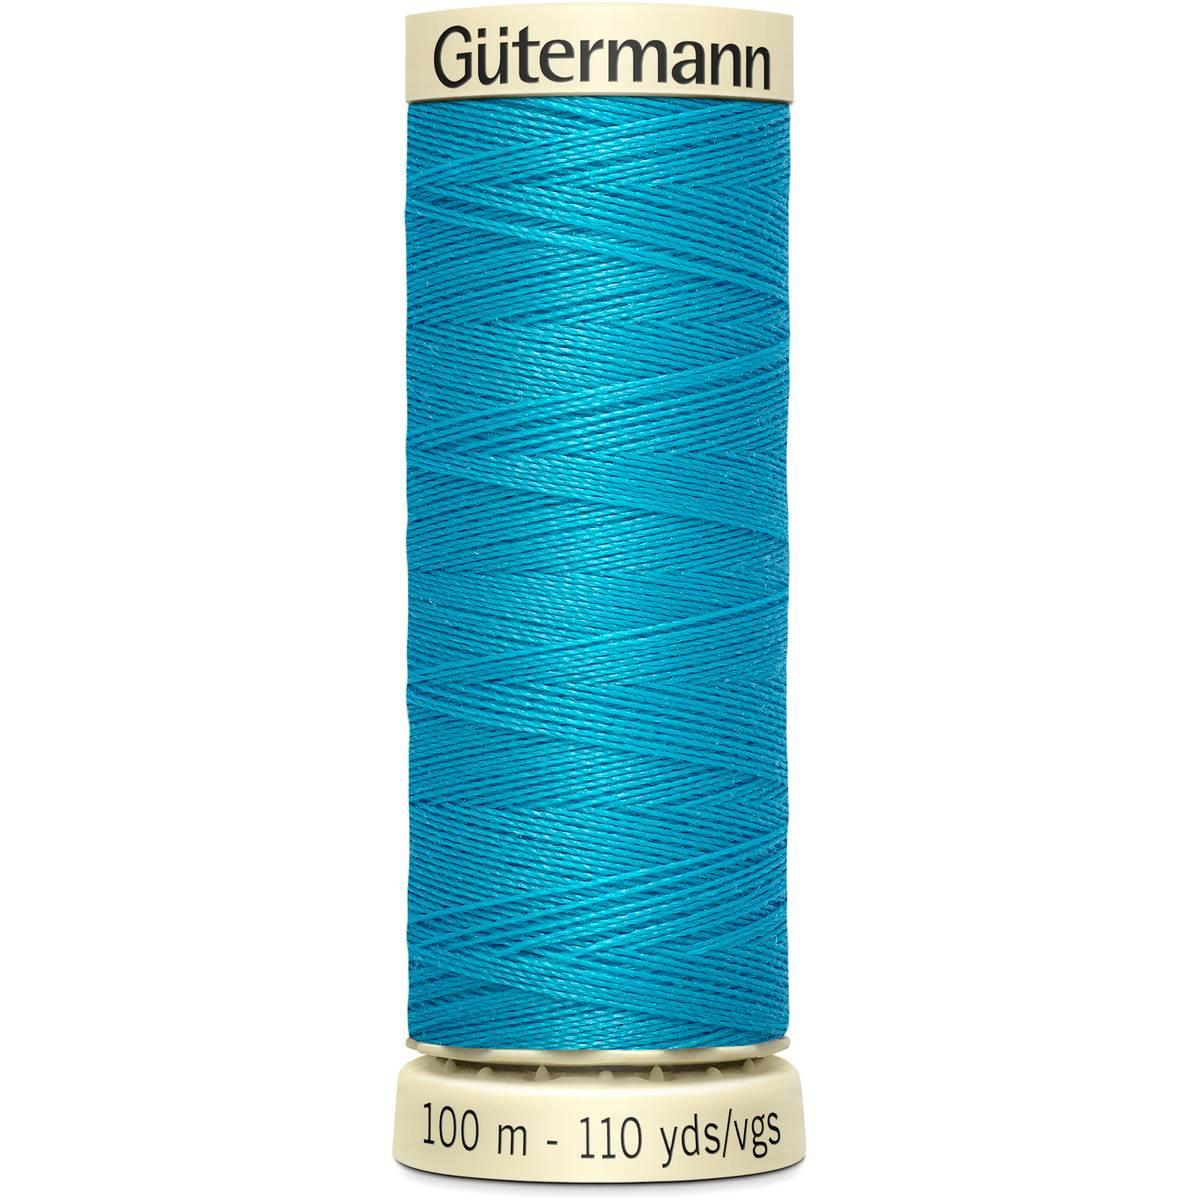 חוט תפירה גוטרמן - Blue 736